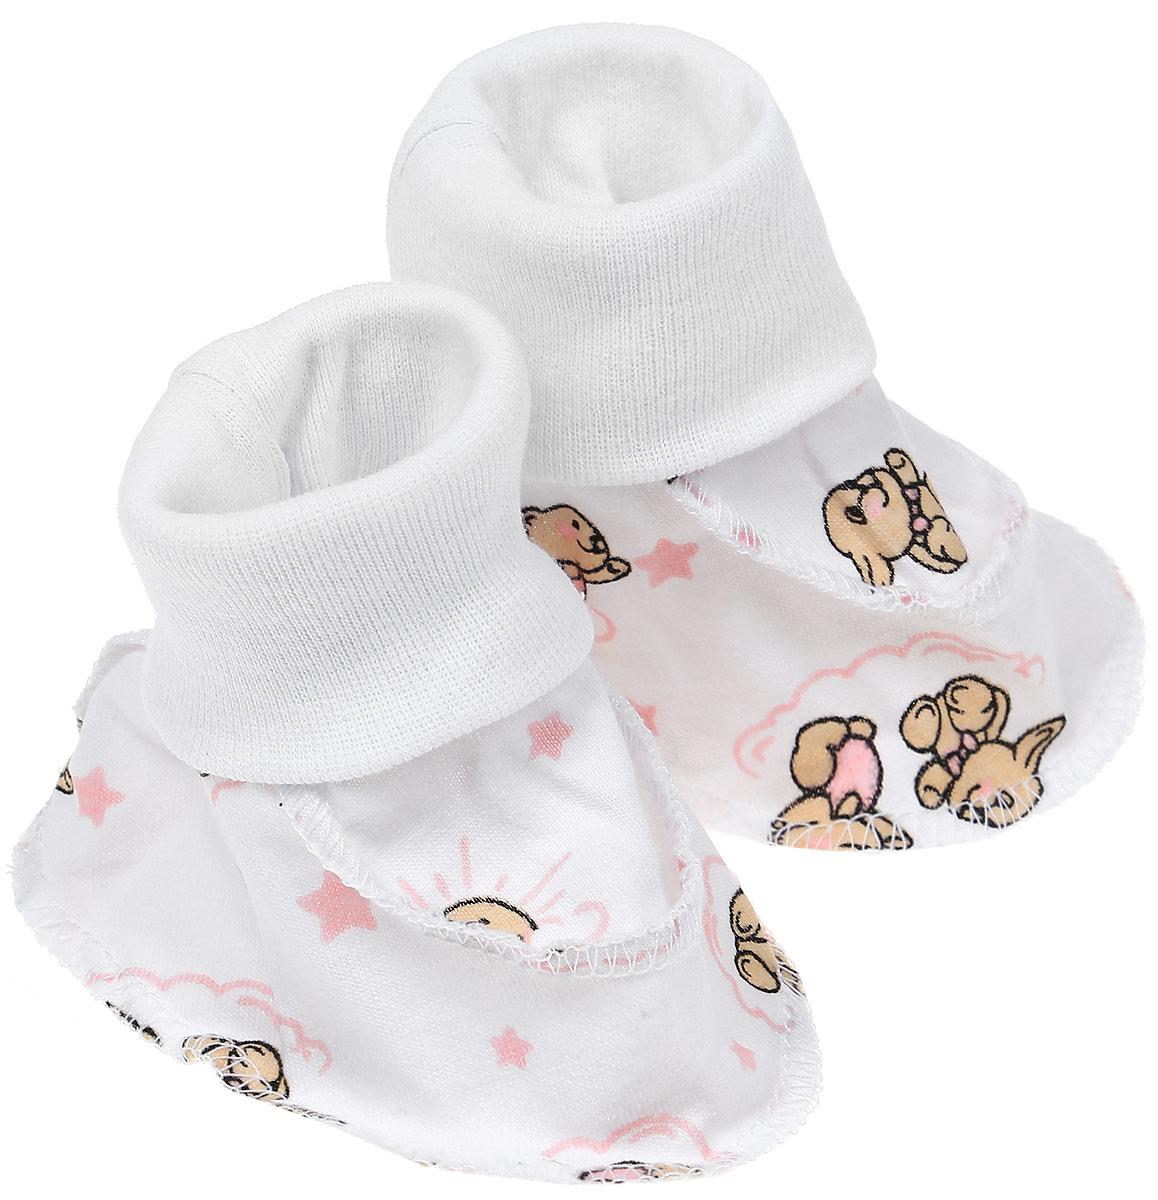 Пинетки5902Пинетки Чудесные одежки изготовлены из натурального хлопка и не раздражают нежную кожу ребенка. Широкие эластичные резинки не стягивают ножки. Швы в пинетках выполнены на лицевую сторону.